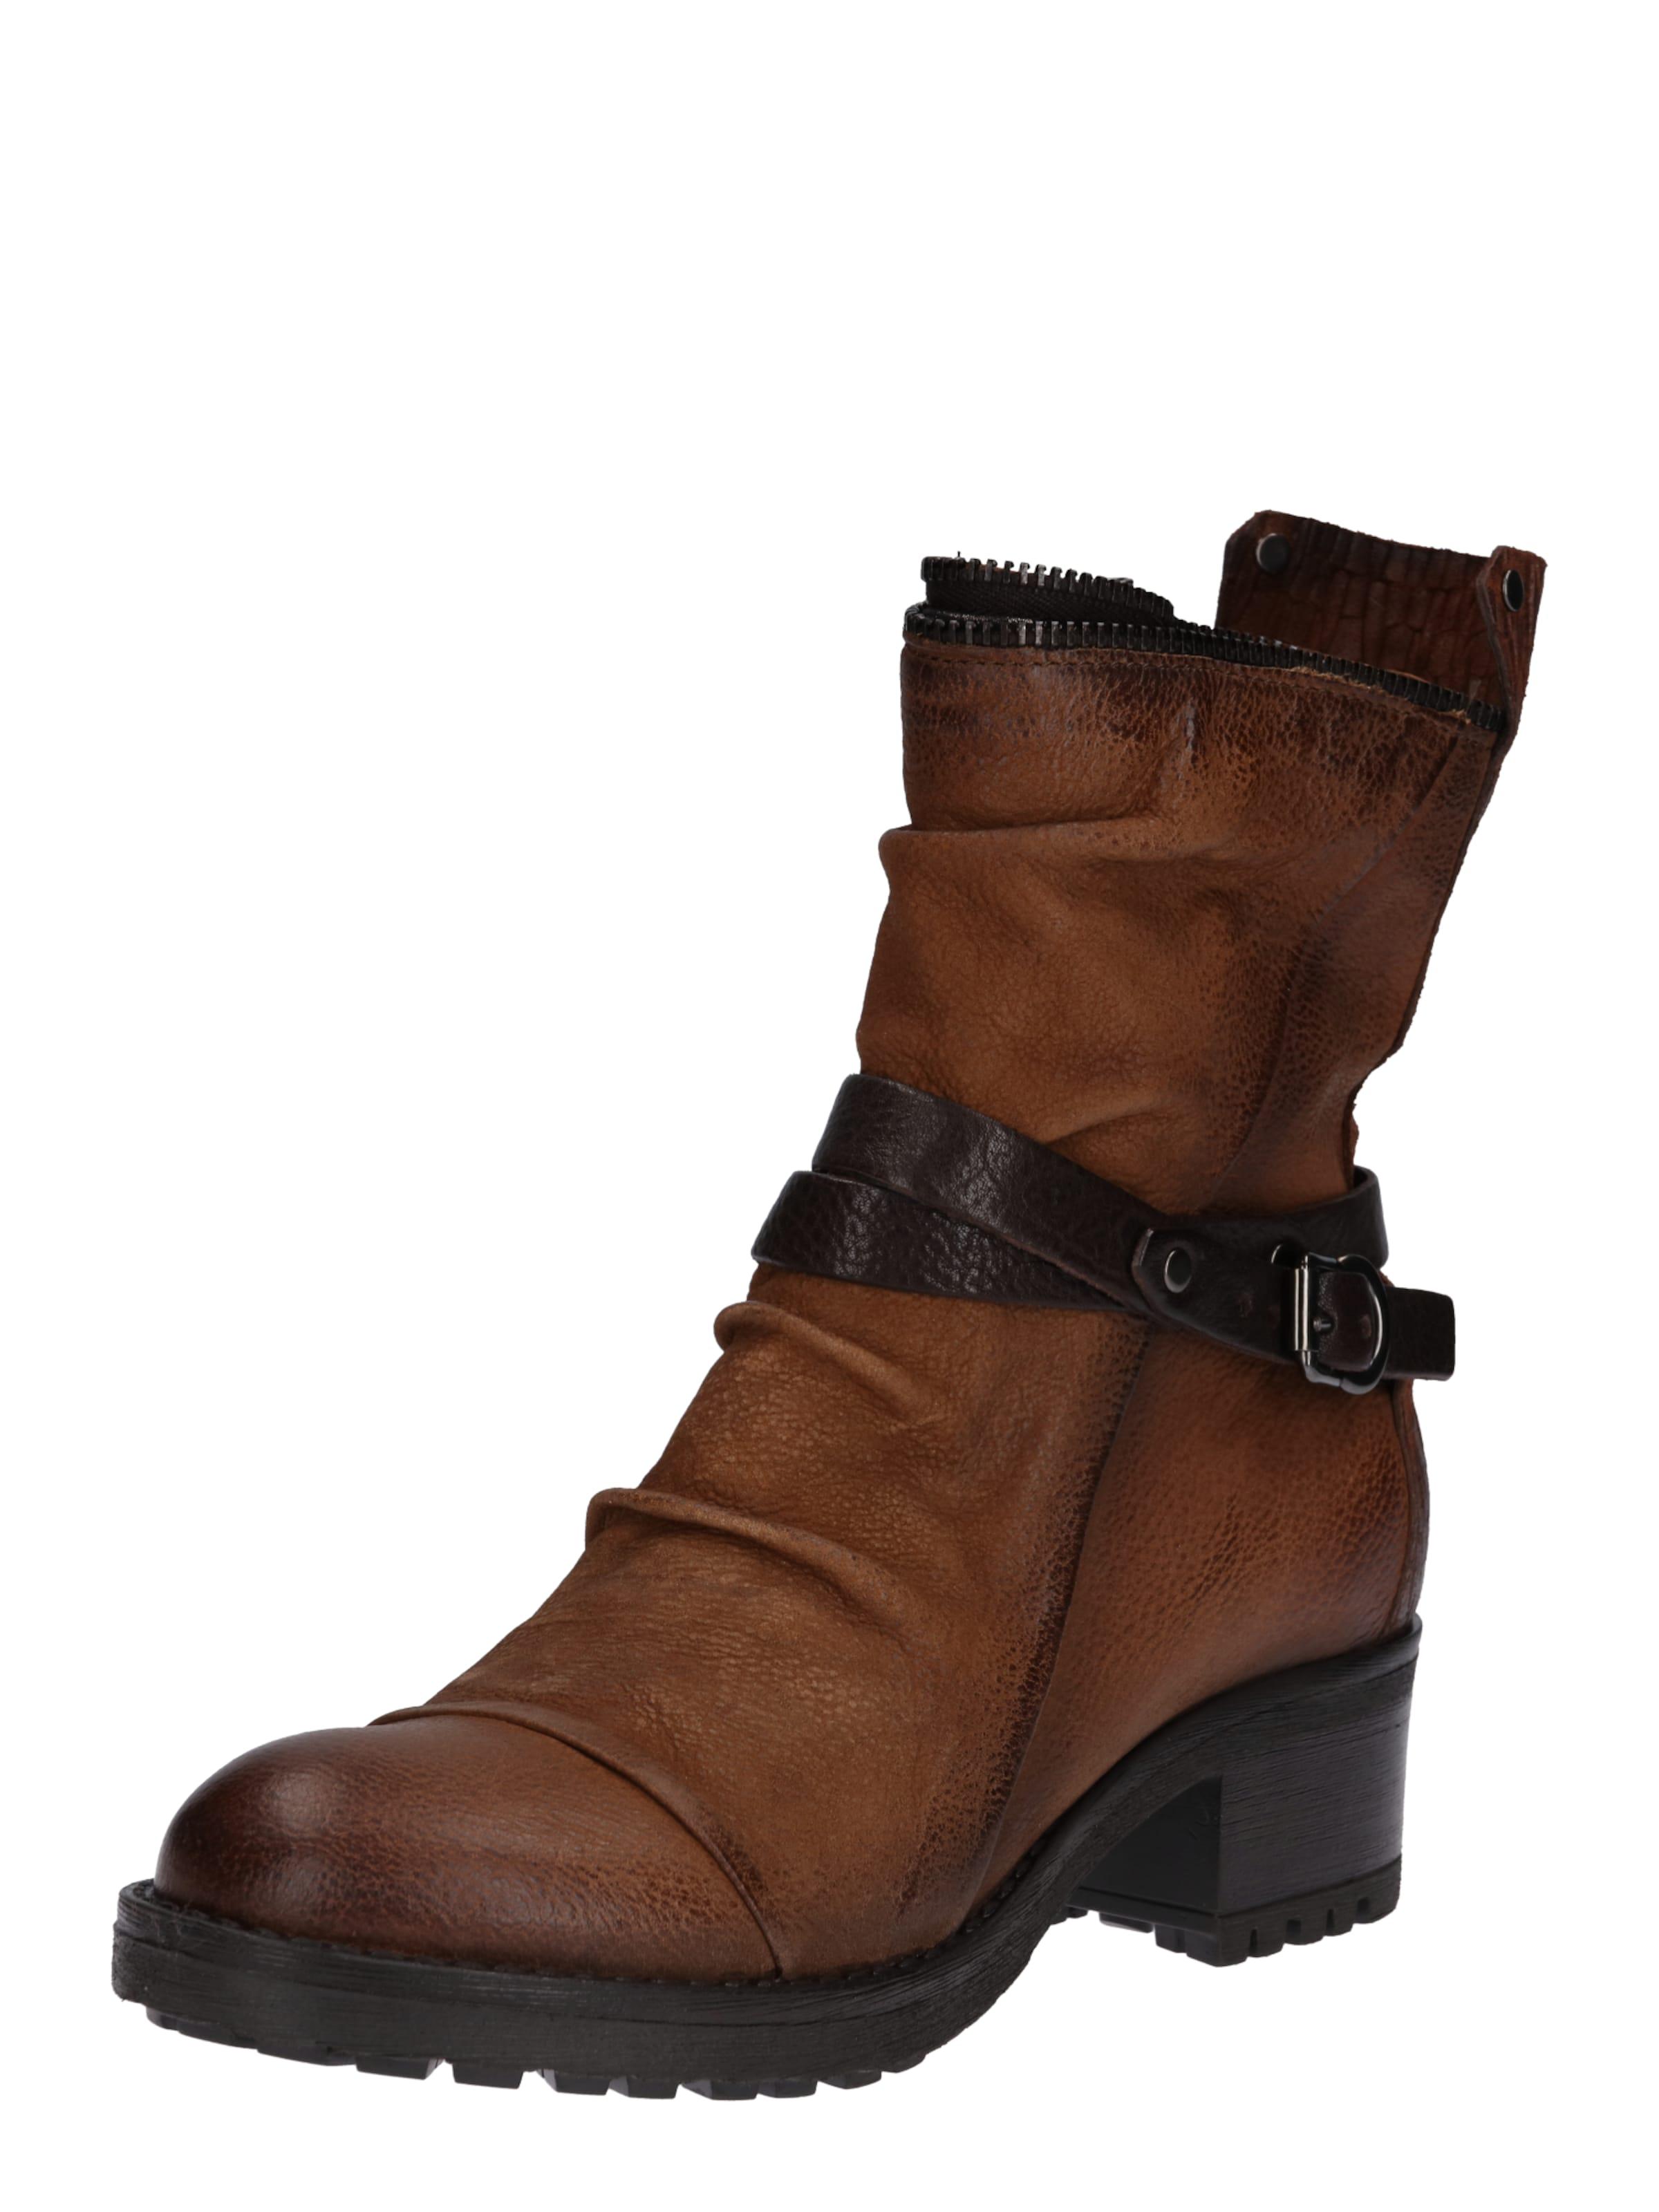 MJUS Stiefelette mit Schnalle Verschleißfeste billige Schuhe